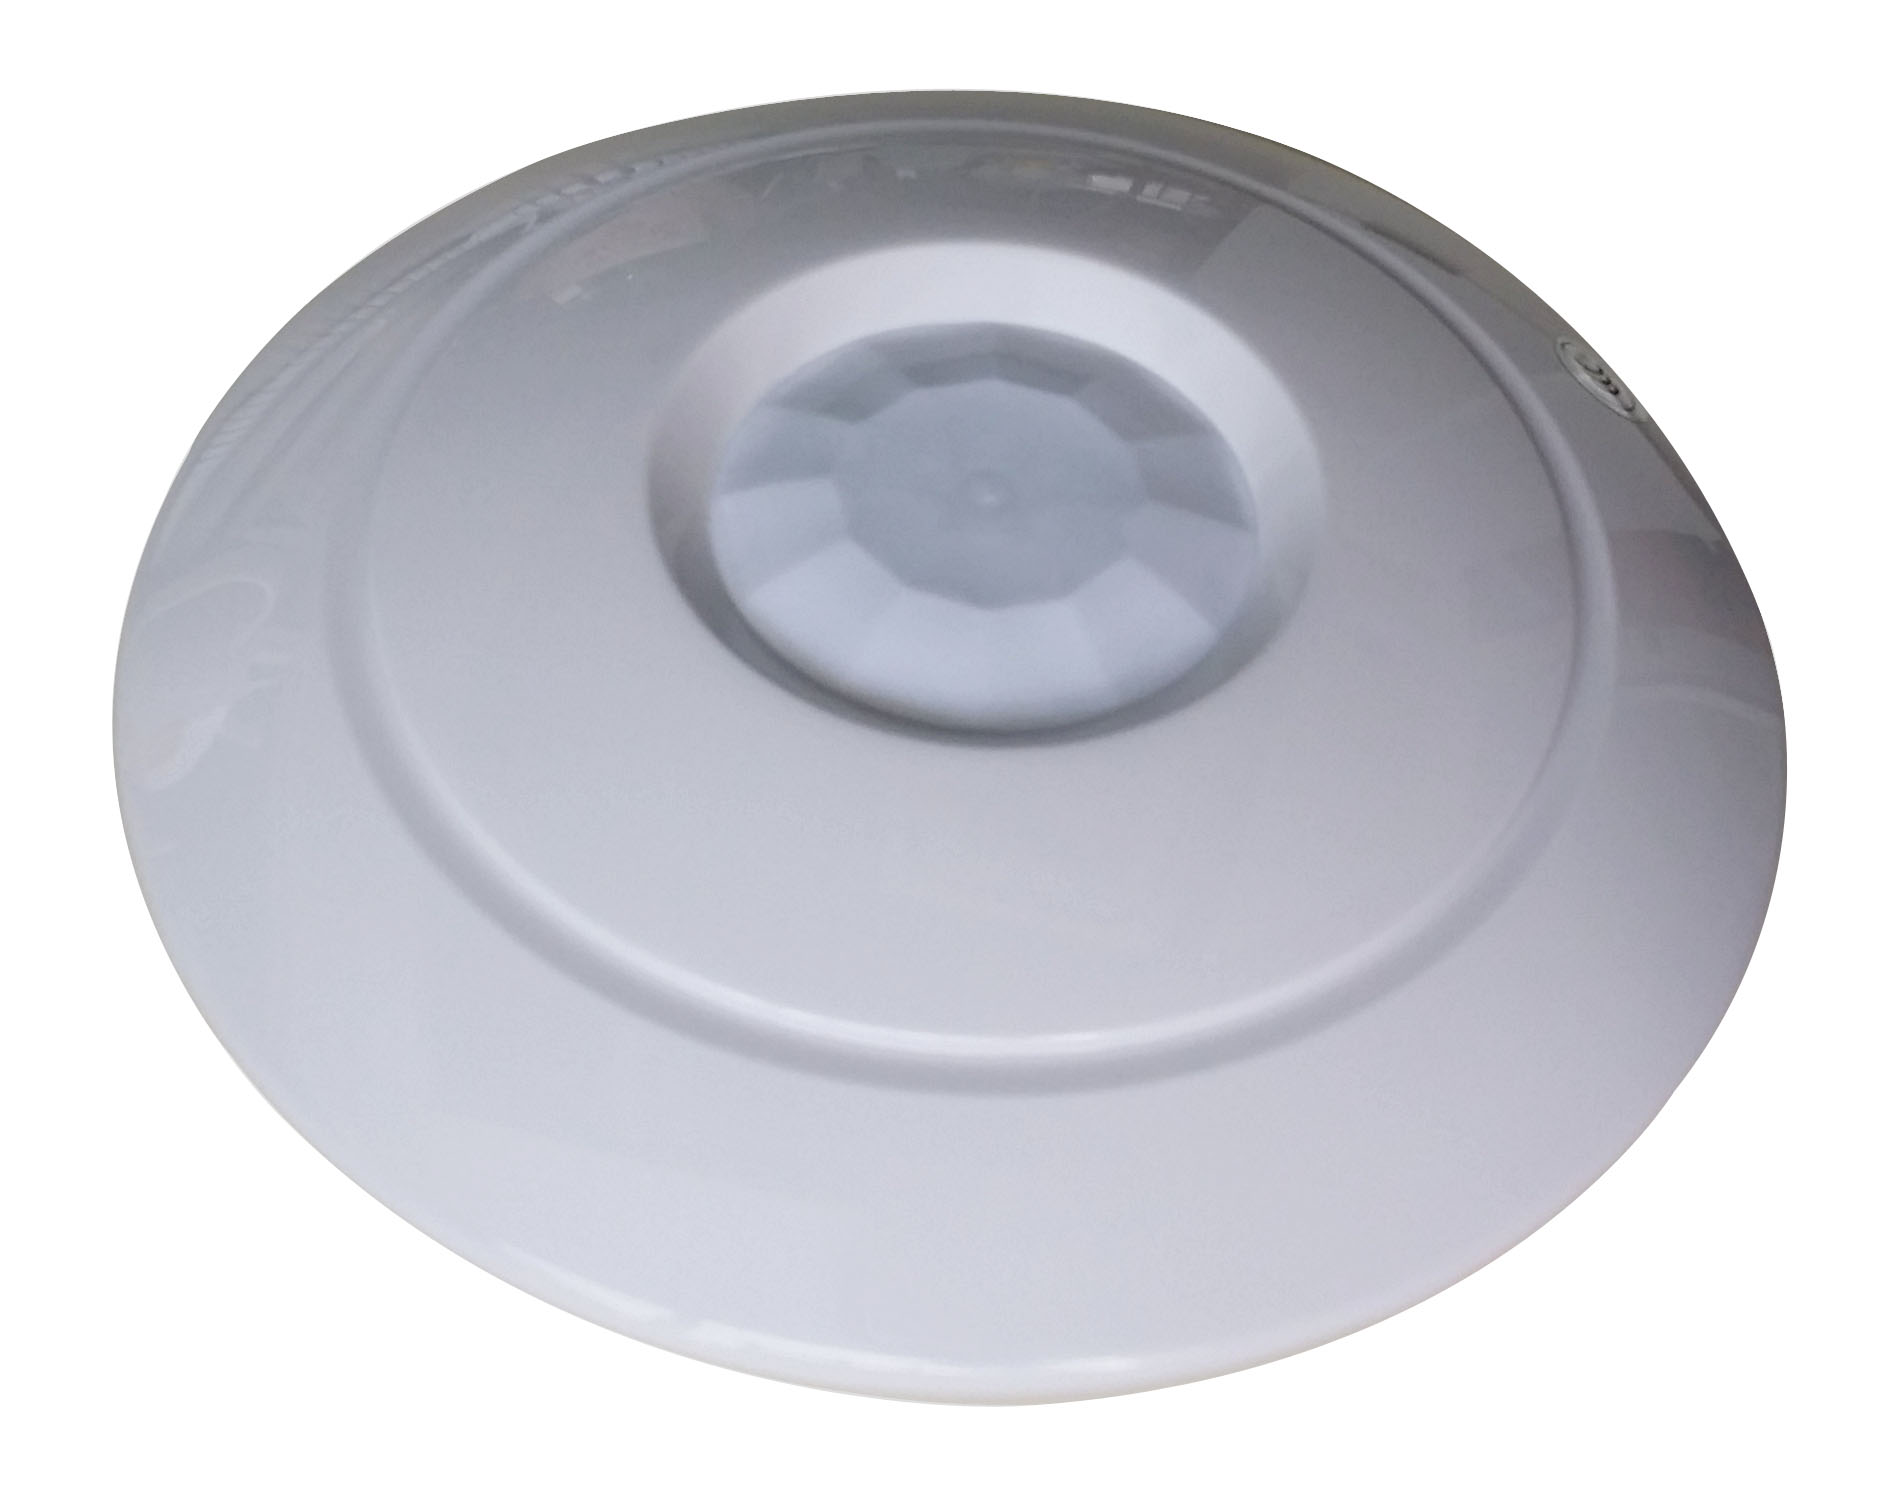 Ceiling infrared sensor